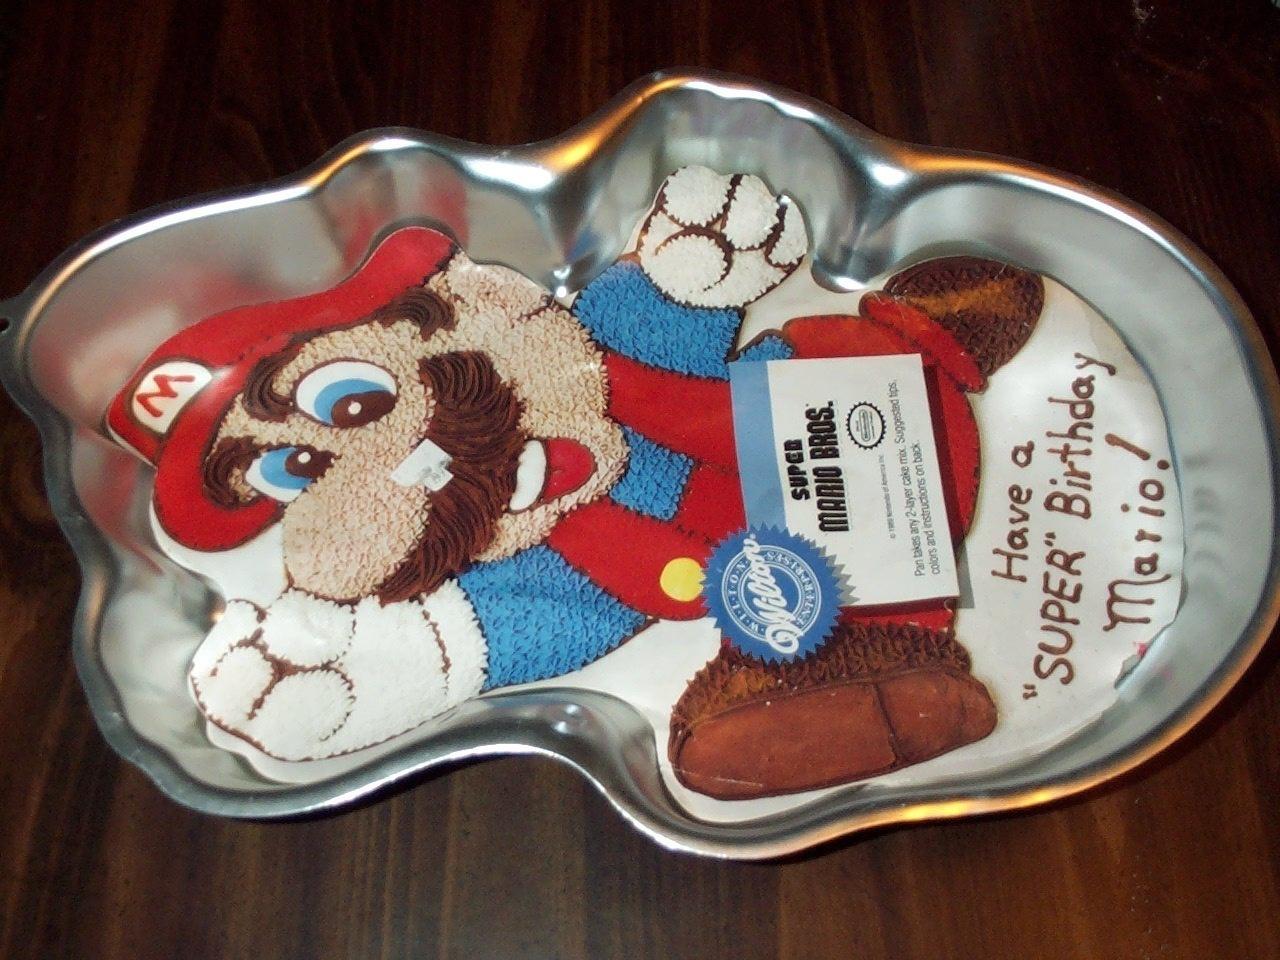 Mario Bros Cake Pan Deals